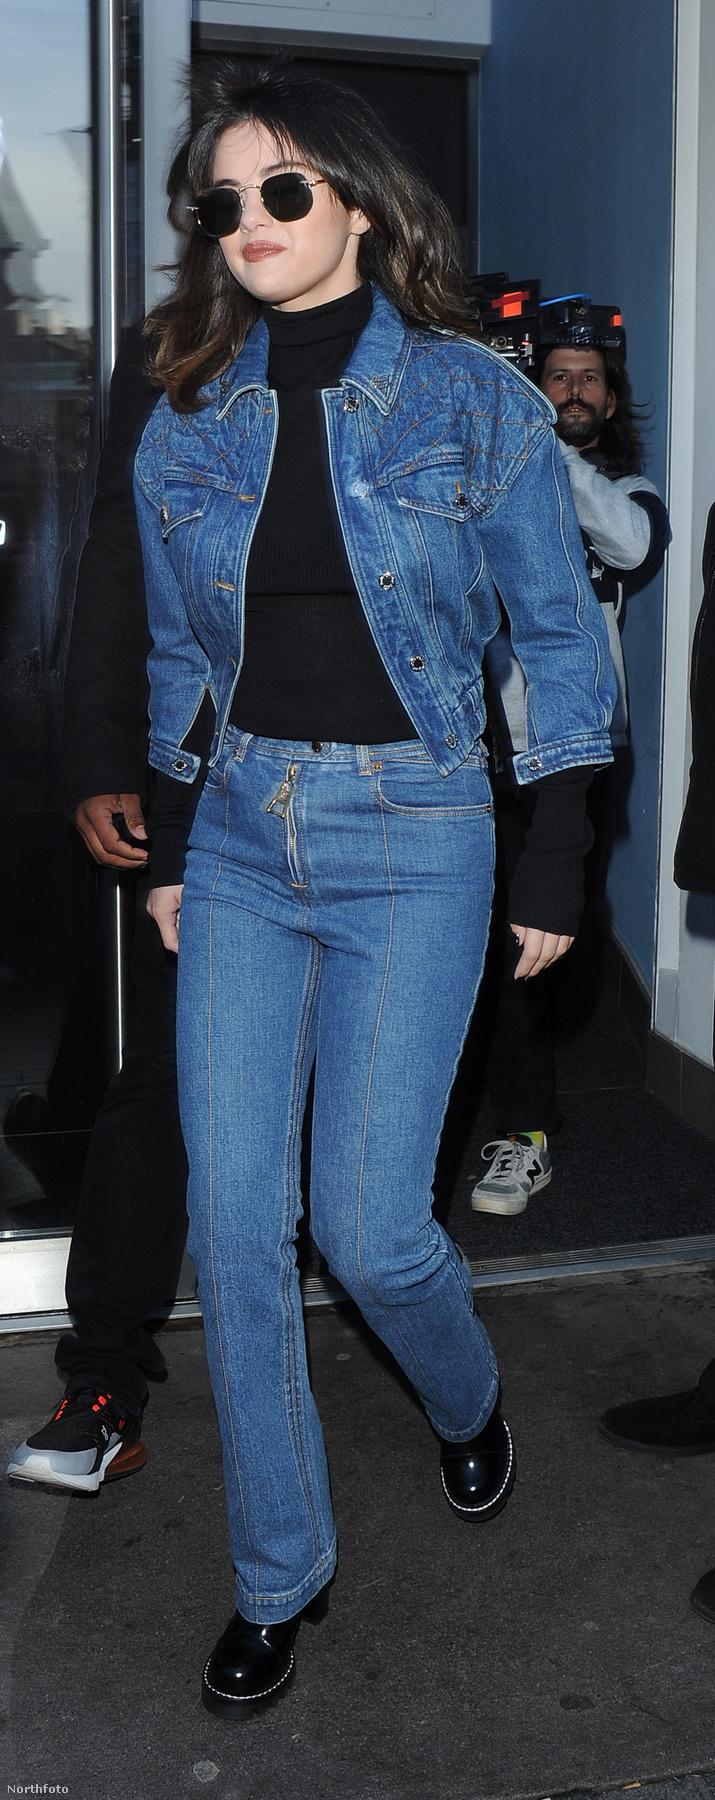 Ez a fotó például 2019-ben készült, amikor Selena Gomez fekete kiegészítőkkel kombinálta a farmert